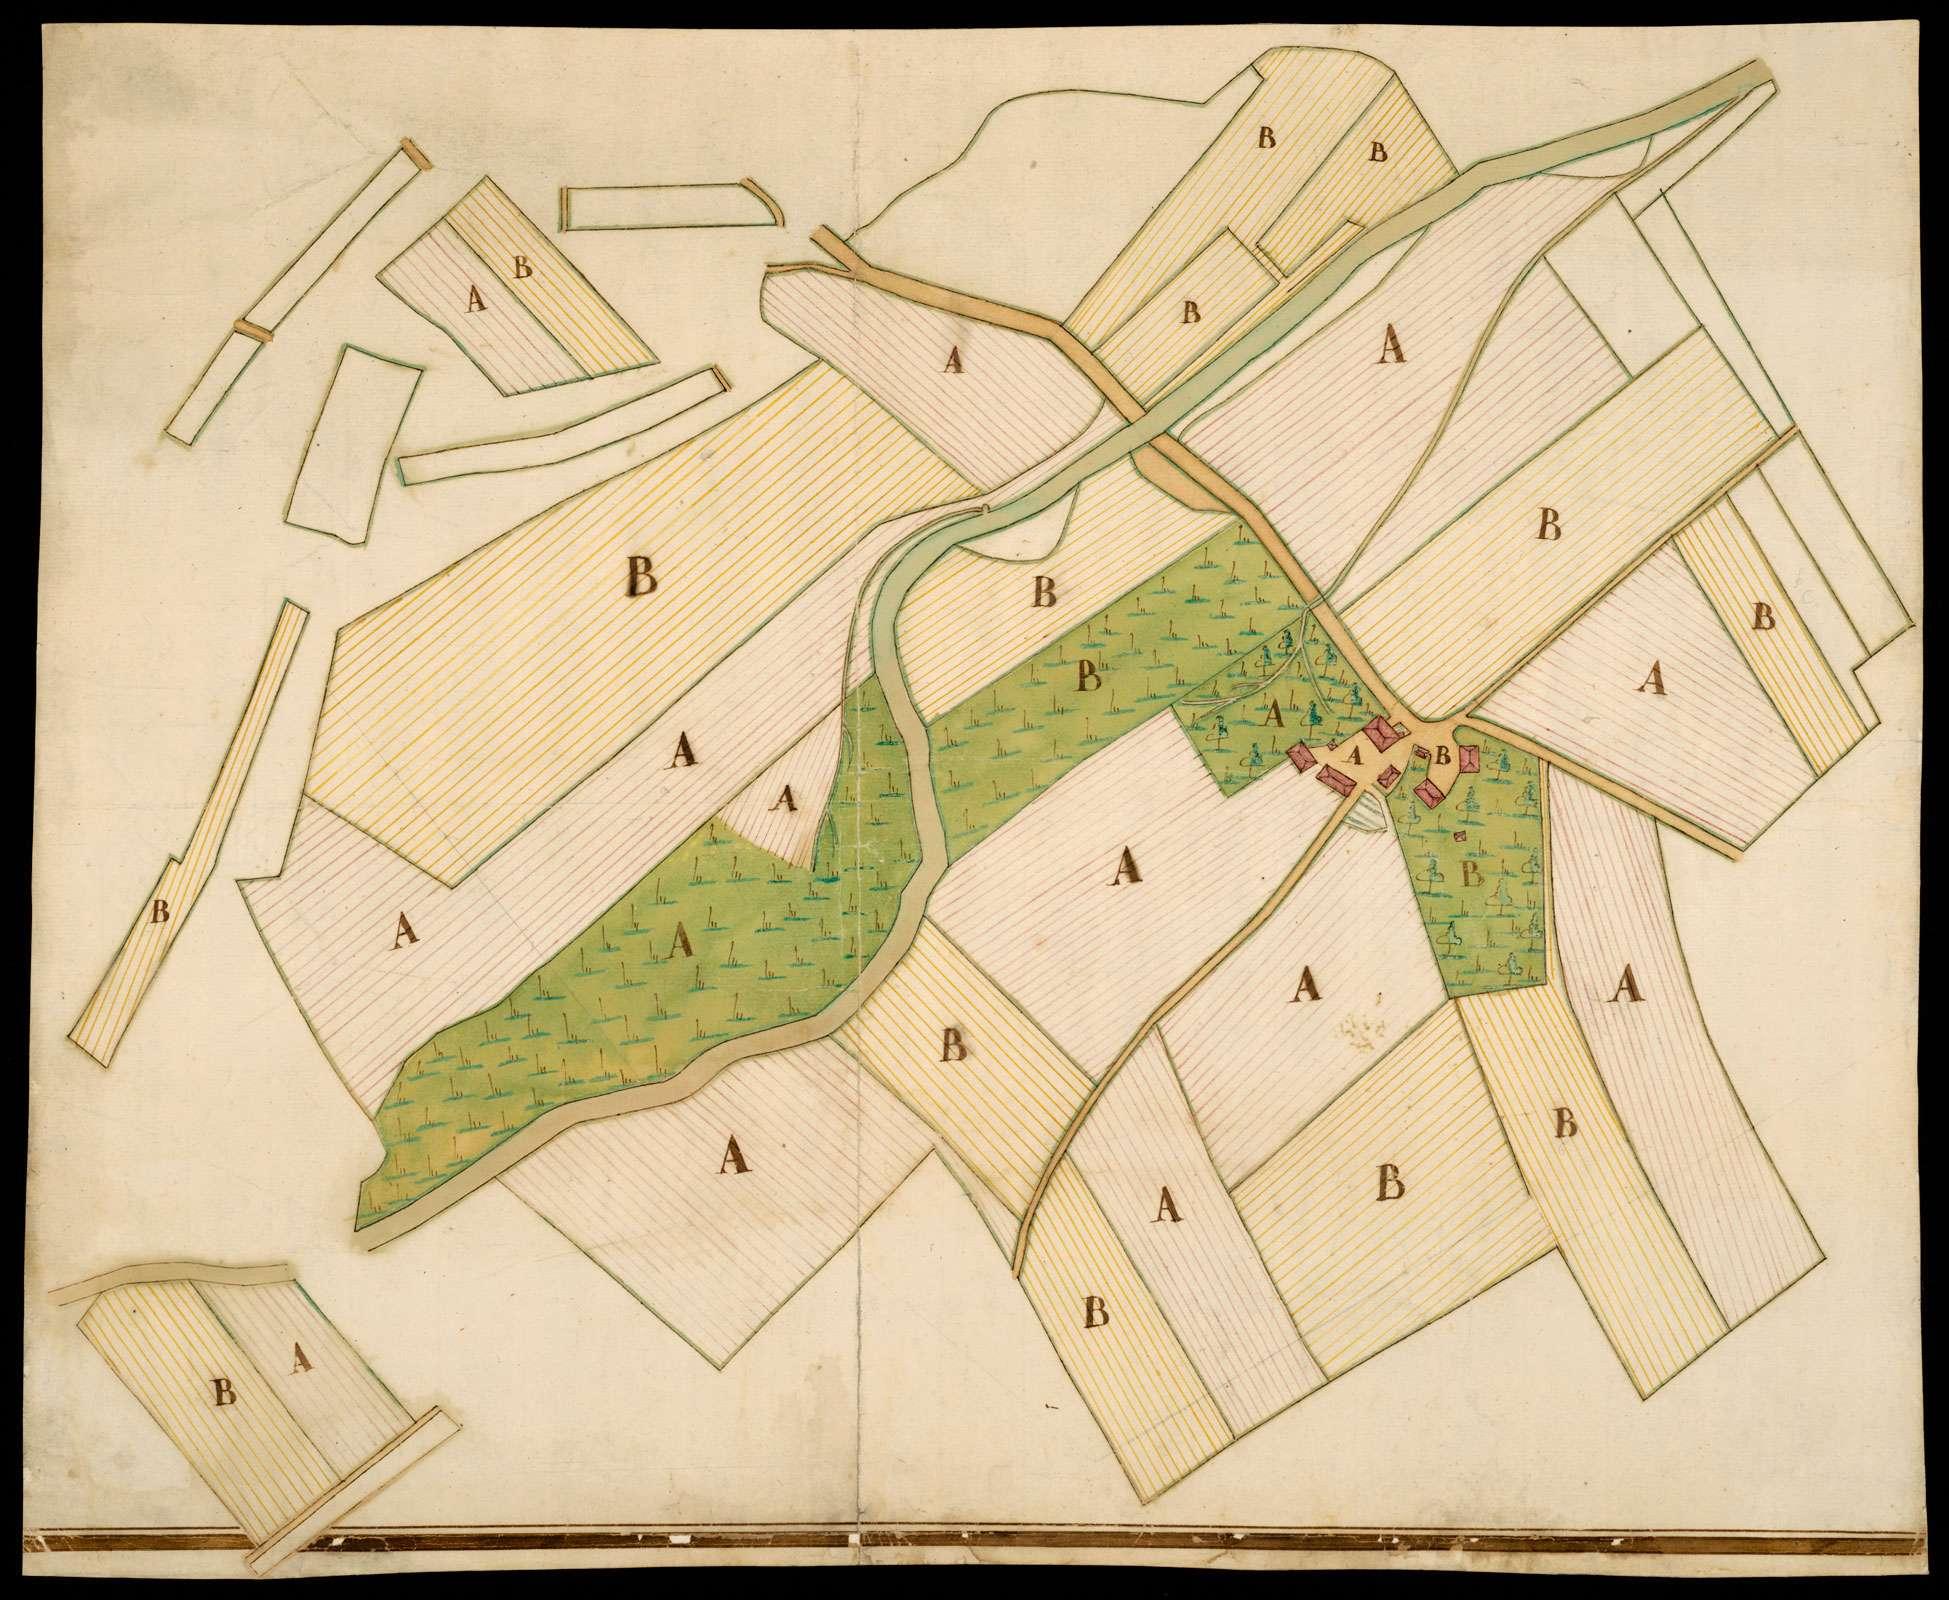 """Karte, bei der keine Identifizierung möglich ist (1) o. T. [Grundriss von zwei Höfen und den dazugehörigen Grundstücken] """"Höf Brugen"""" (2), Bild 2"""